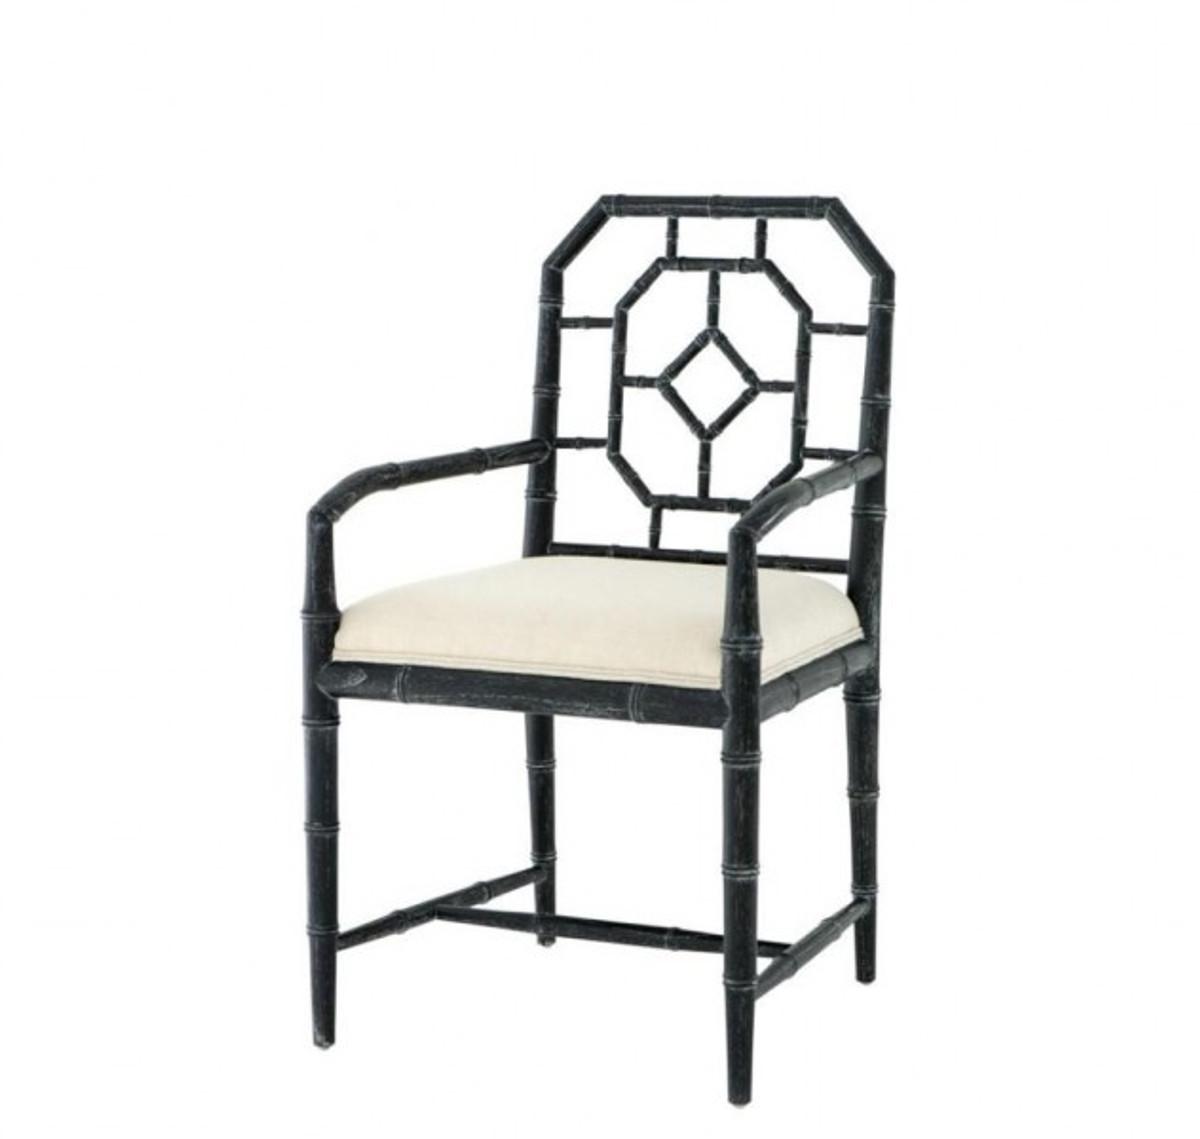 Casa Padrino Luxus Esszimmer Stuhl mit Armlehne Schwarz - Limited Edition Stühle Luxus Stühle ...